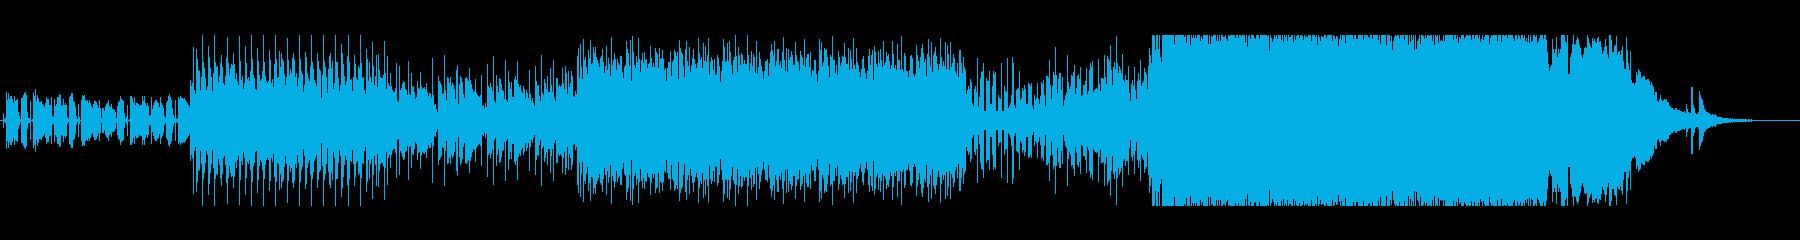 ダンスエクササイズの再生済みの波形